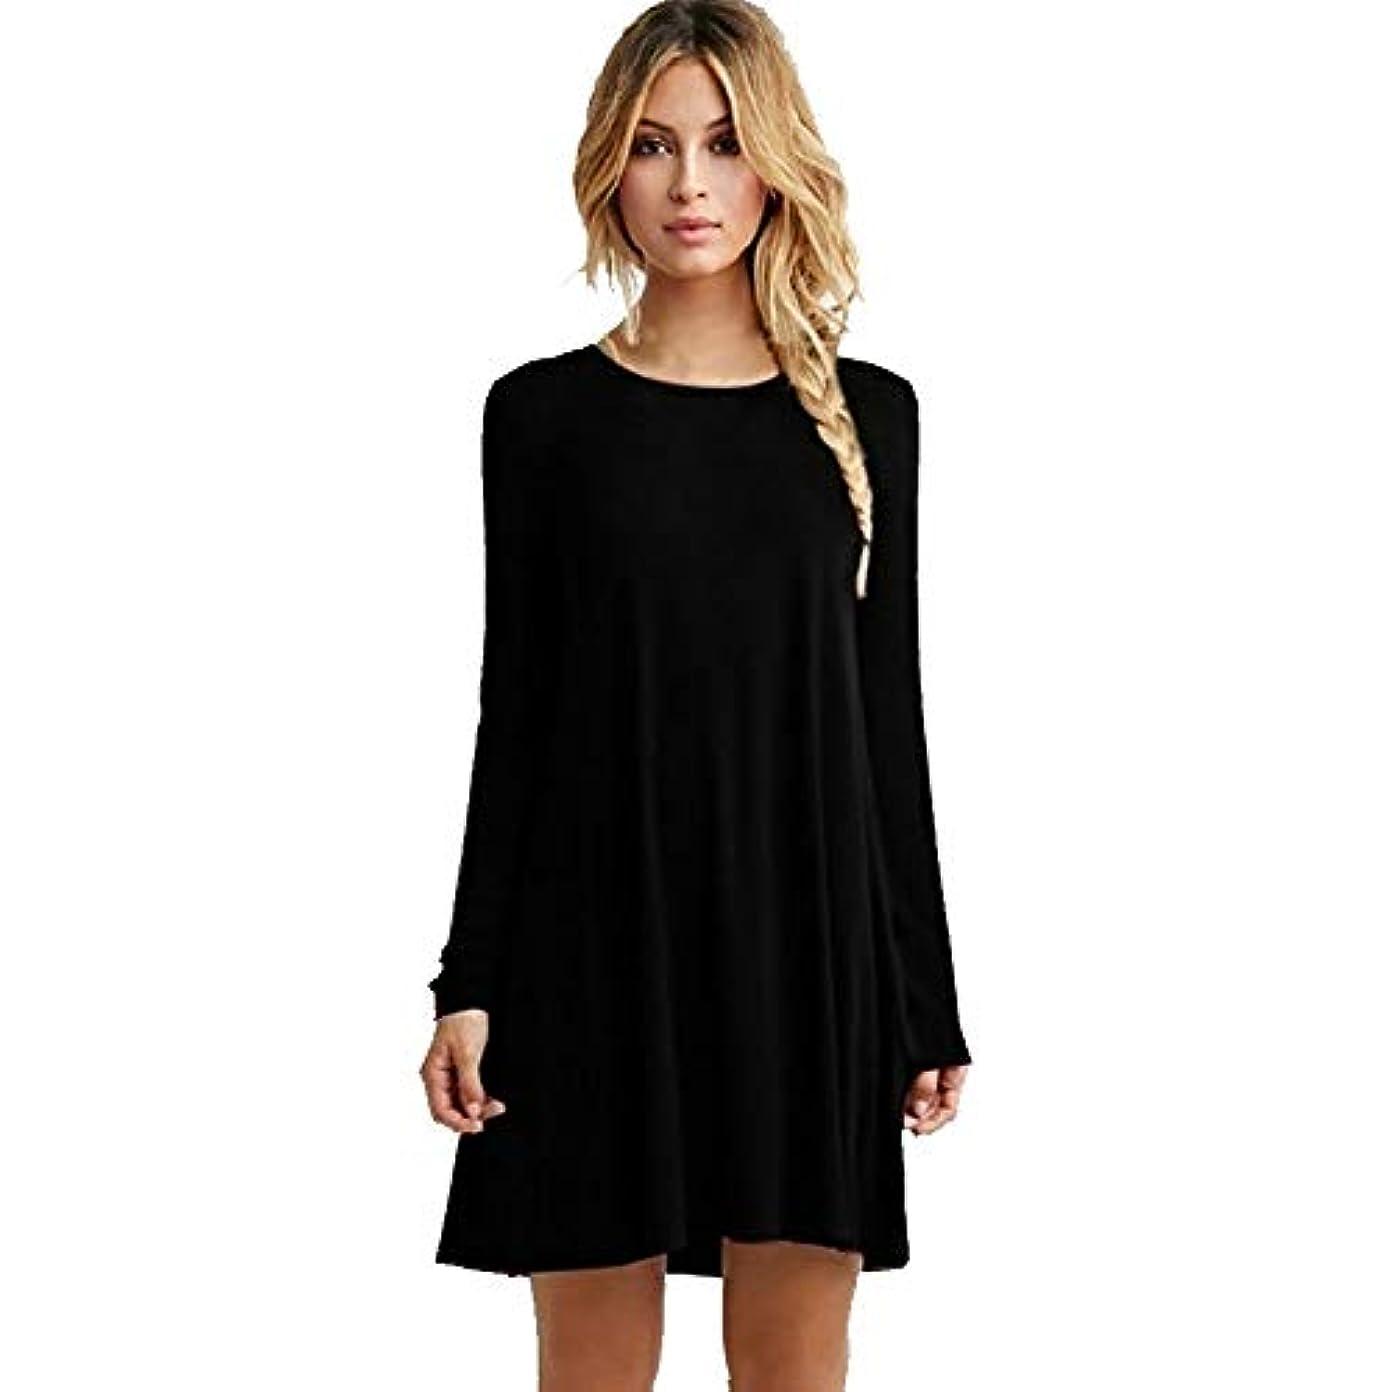 ケープ四バスタブMIFANルースドレス、プラスサイズのドレス、長袖のドレス、女性のドレス、秋のドレス、マキシドレス、コットンドレス